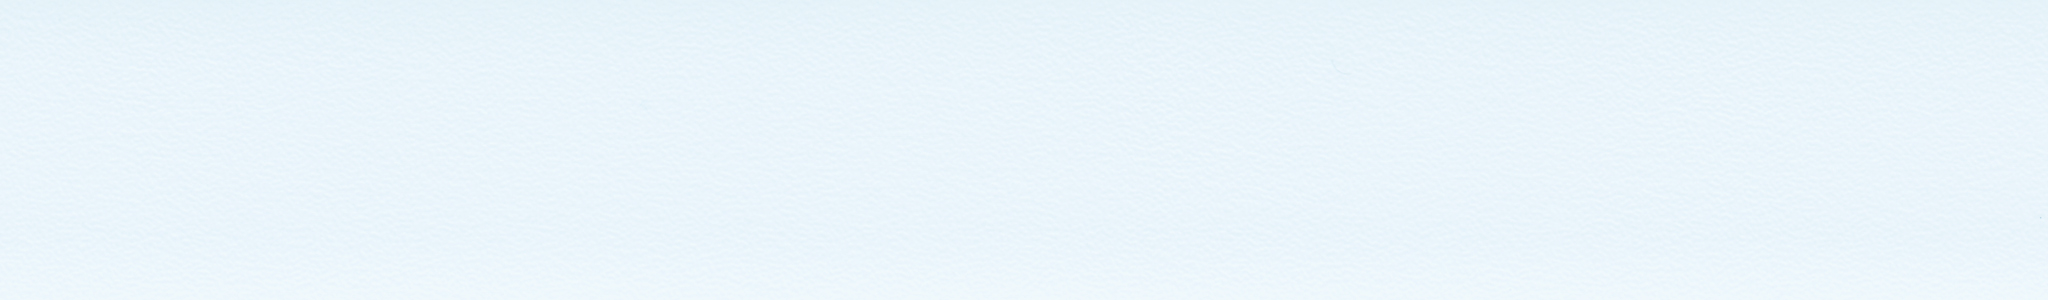 HU 15518 кромка ABS синяя жемчуг 101